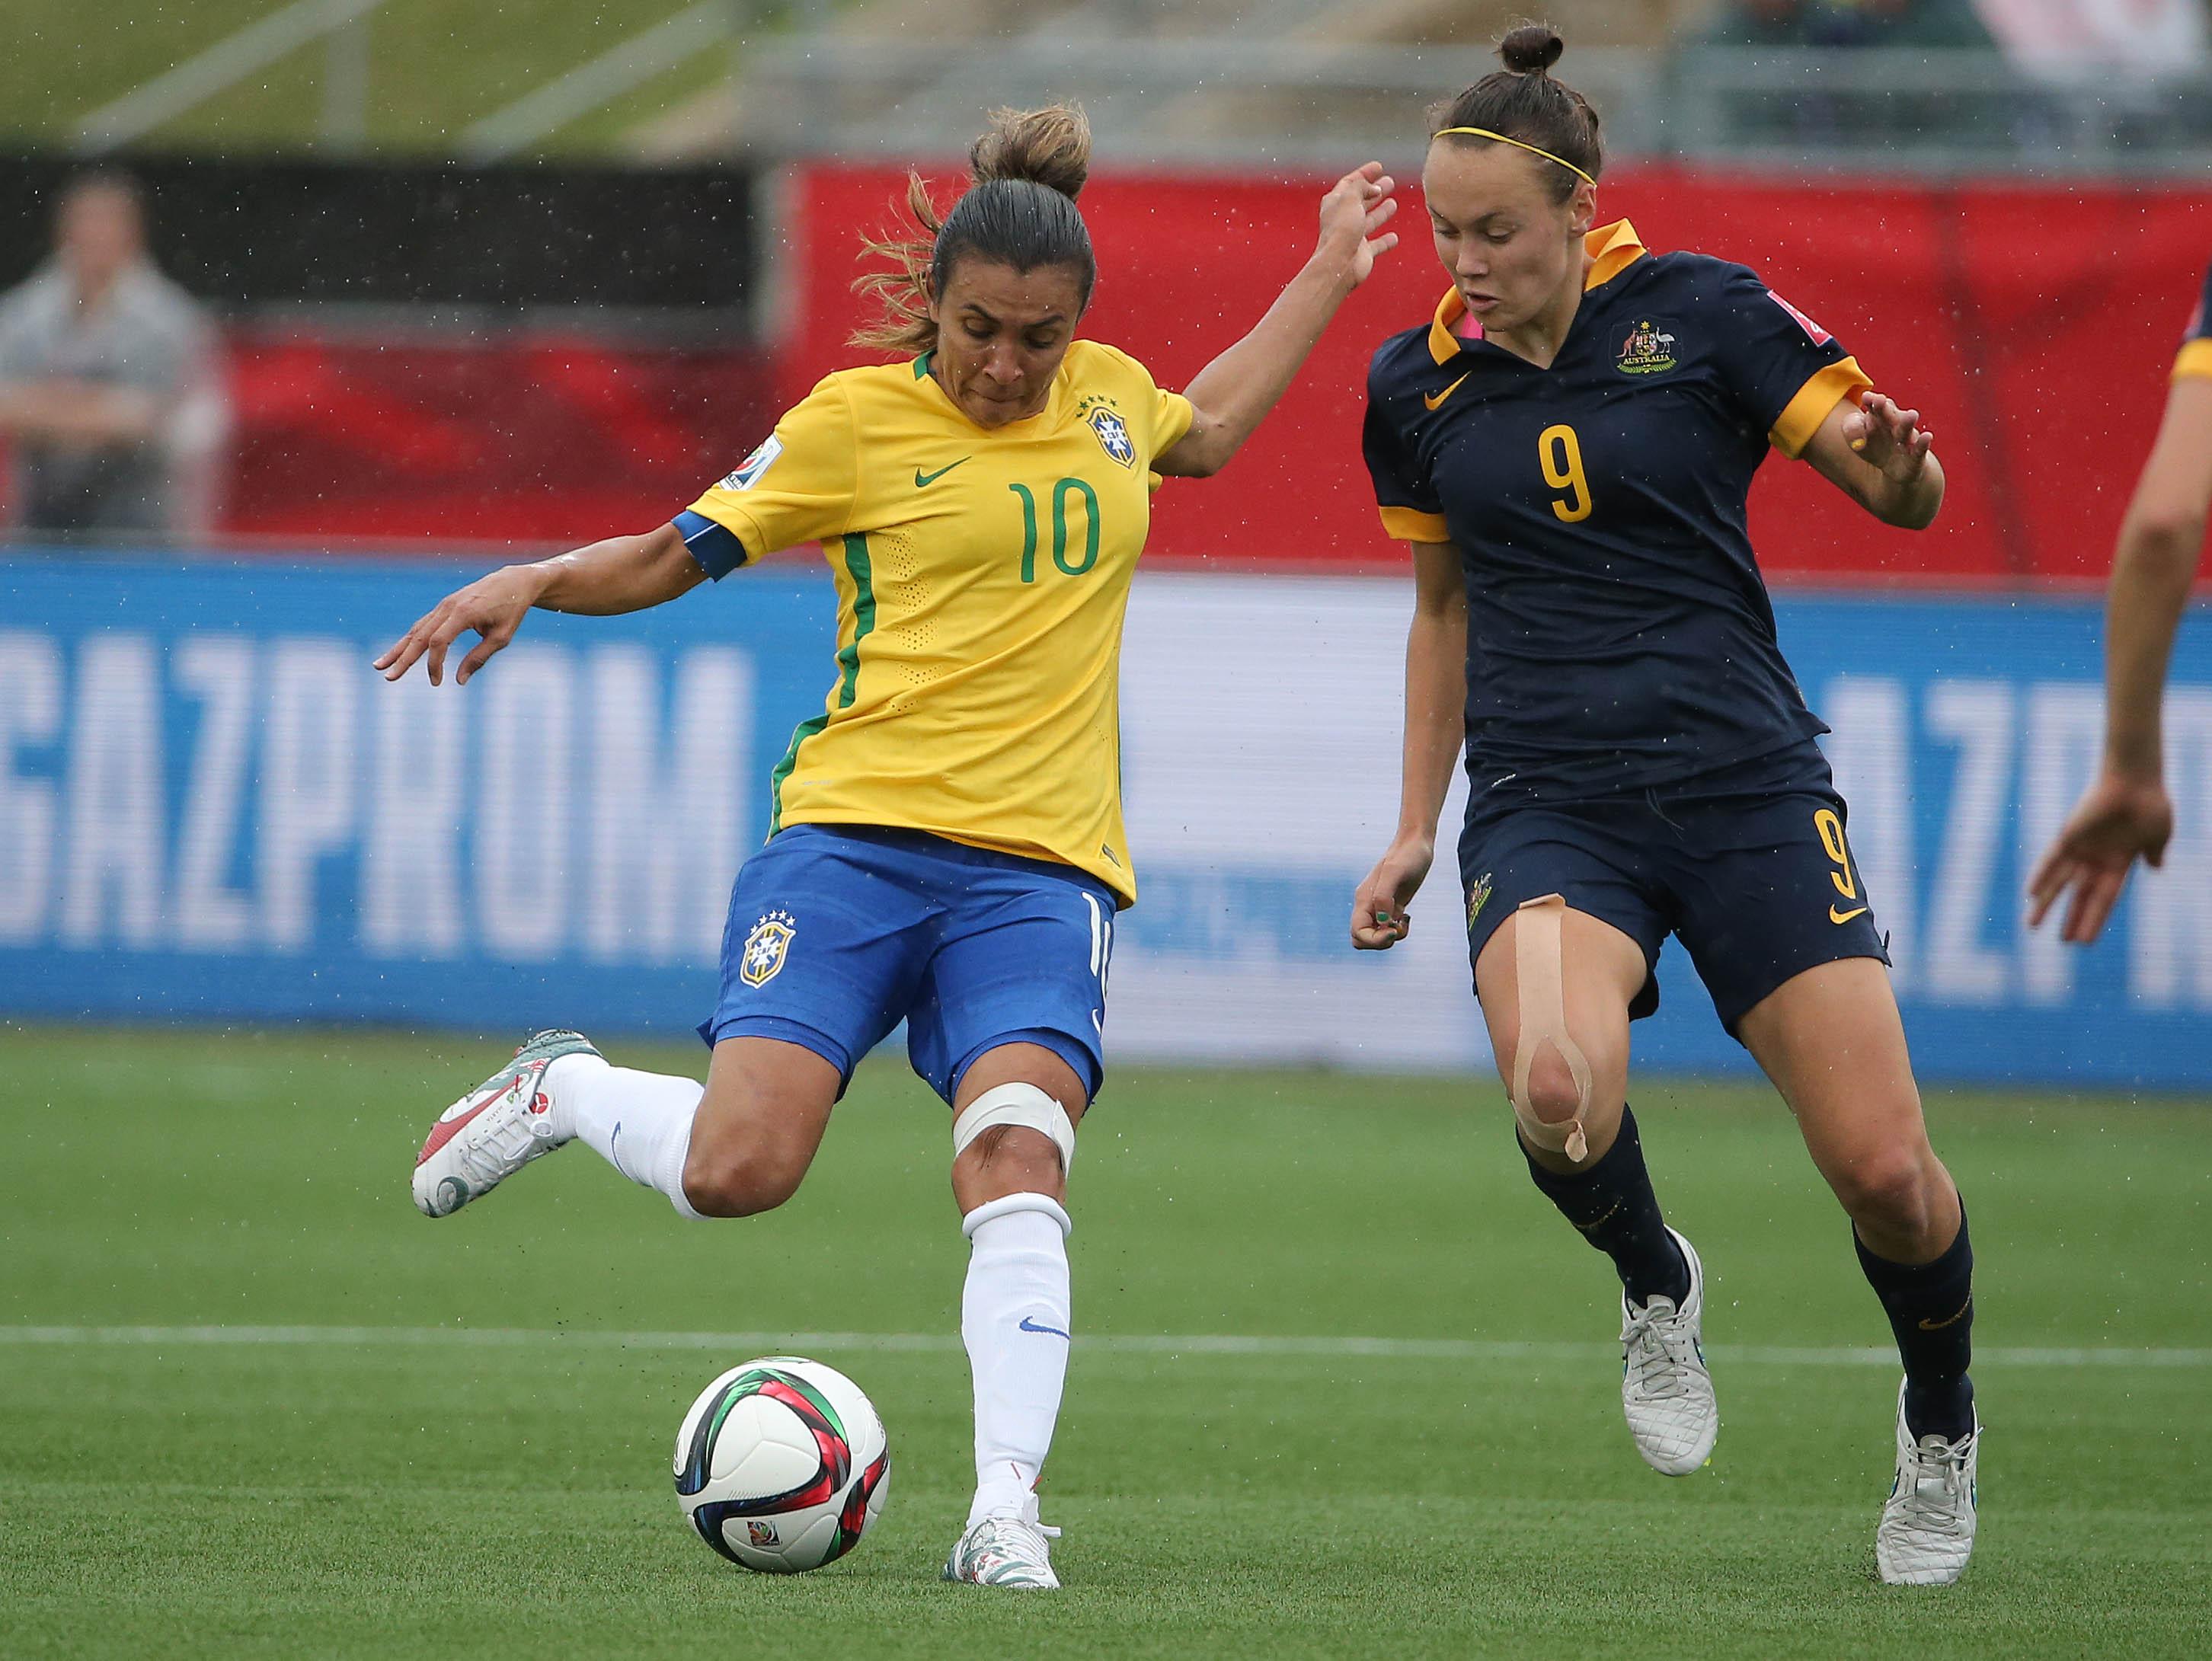 A atacante brasileira Marta chutando uma bola durante uma partida de futebol